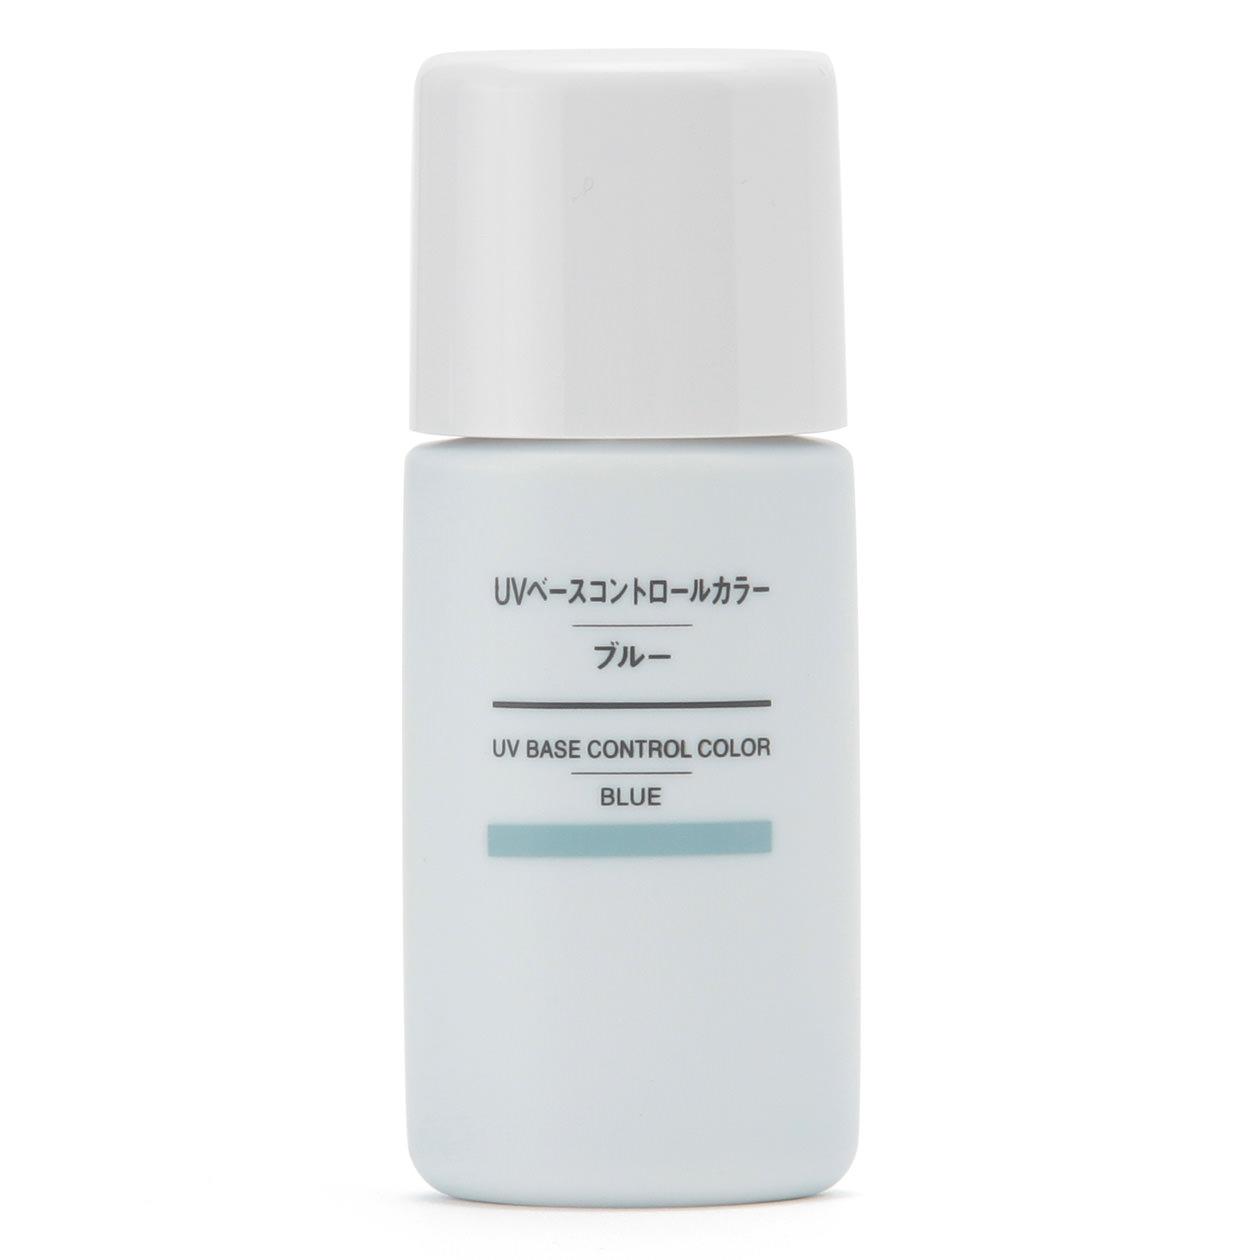 UVベースコントロールカラー・ブルー SPF50+・PA+++ 30mL